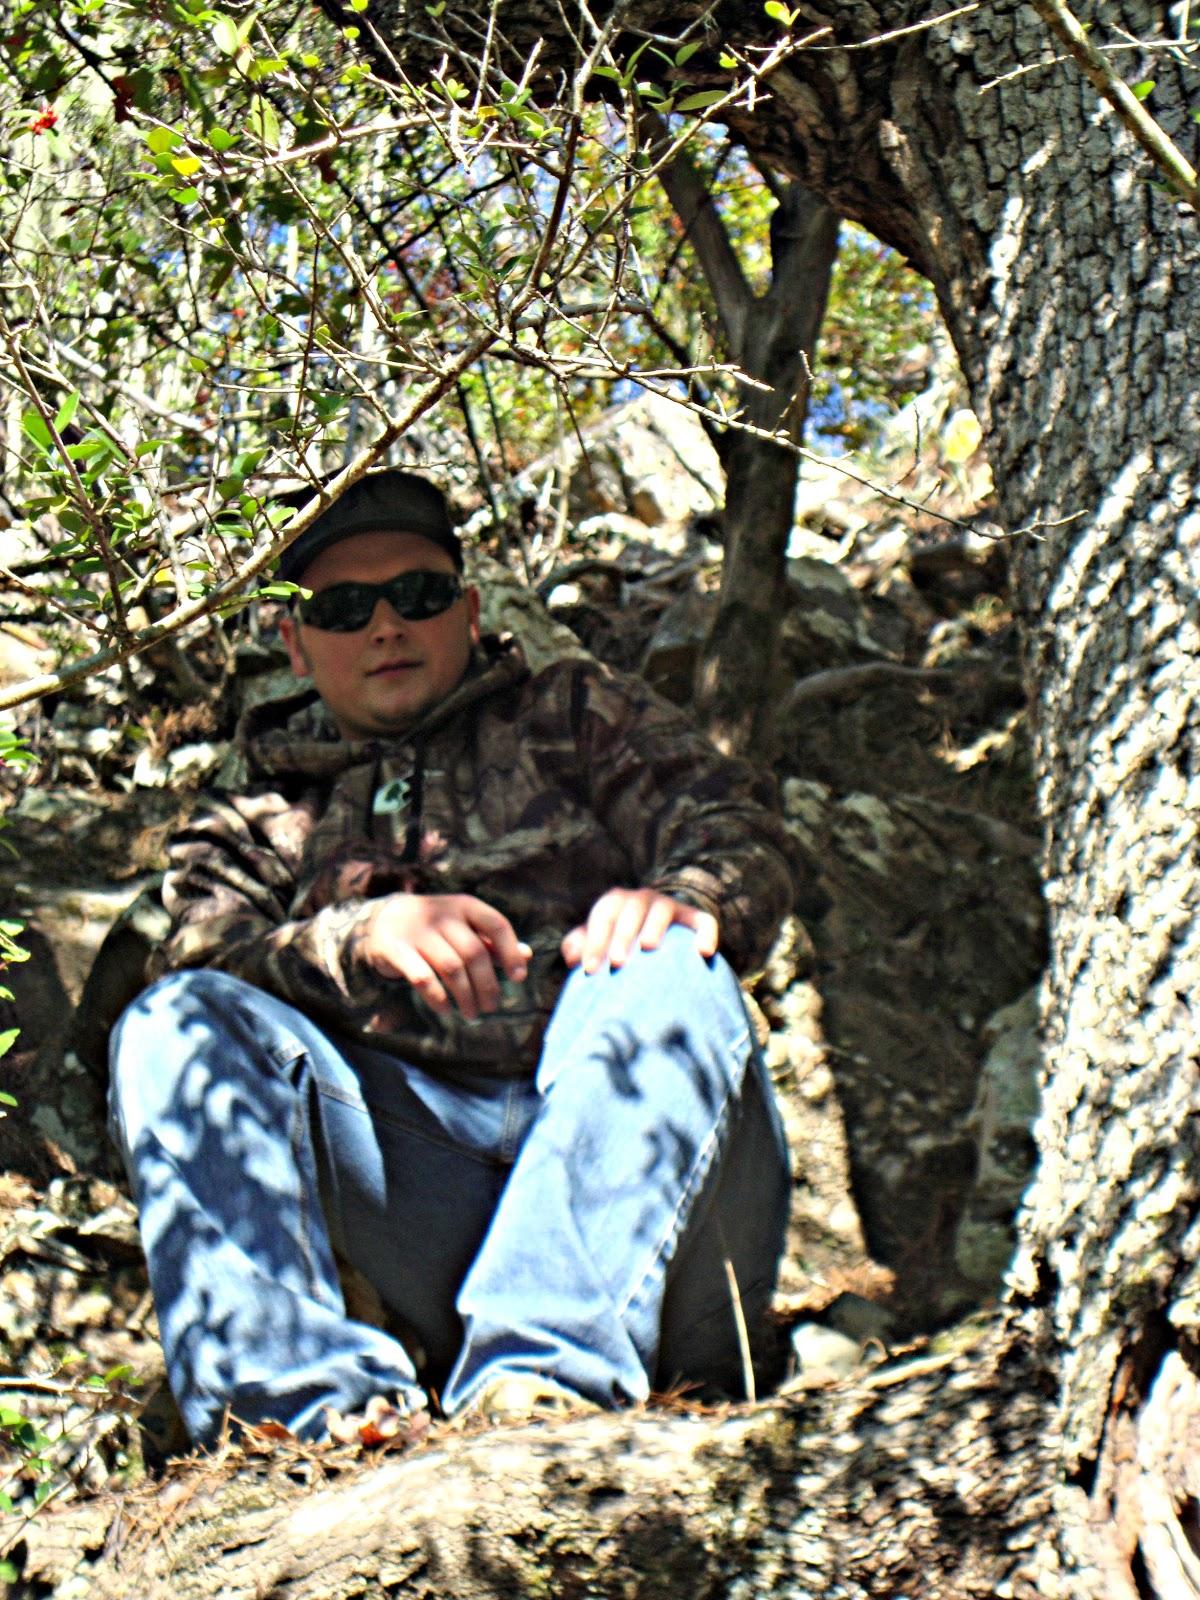 http://4.bp.blogspot.com/-RXugWB8nfnQ/UISnLLruCwI/AAAAAAAAErA/6C9C8ocXAsY/s1600/october+cabin+038.jpg